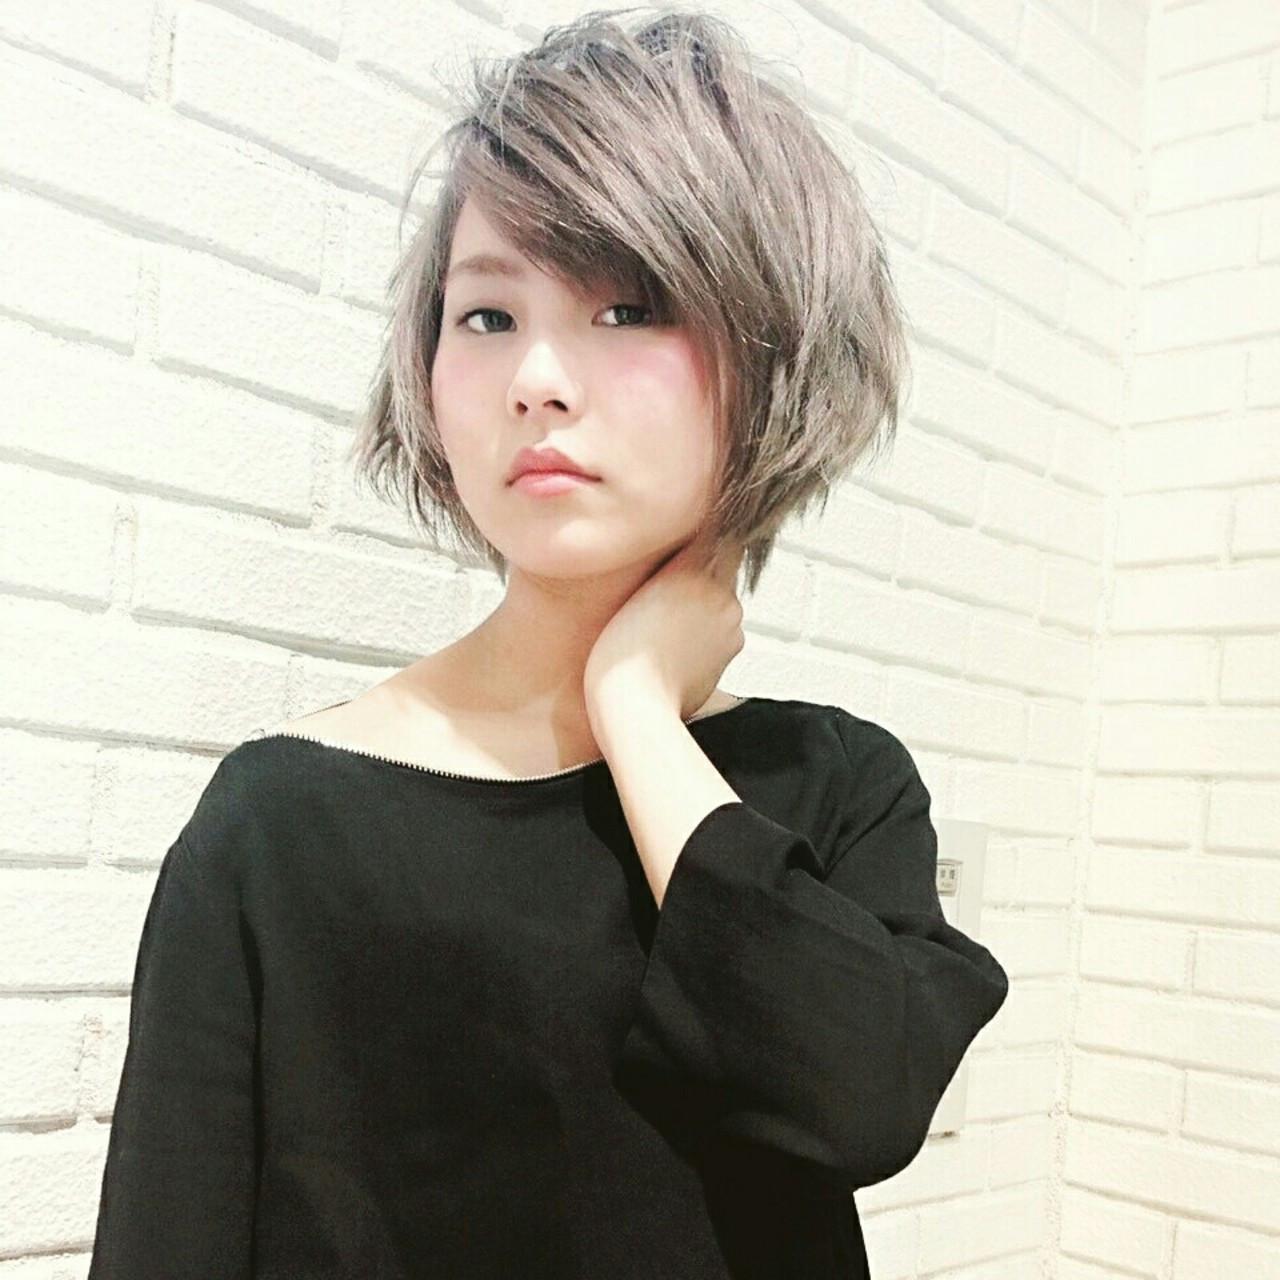 斜め前髪のアンニュイスタイル♡ 横徳憲史